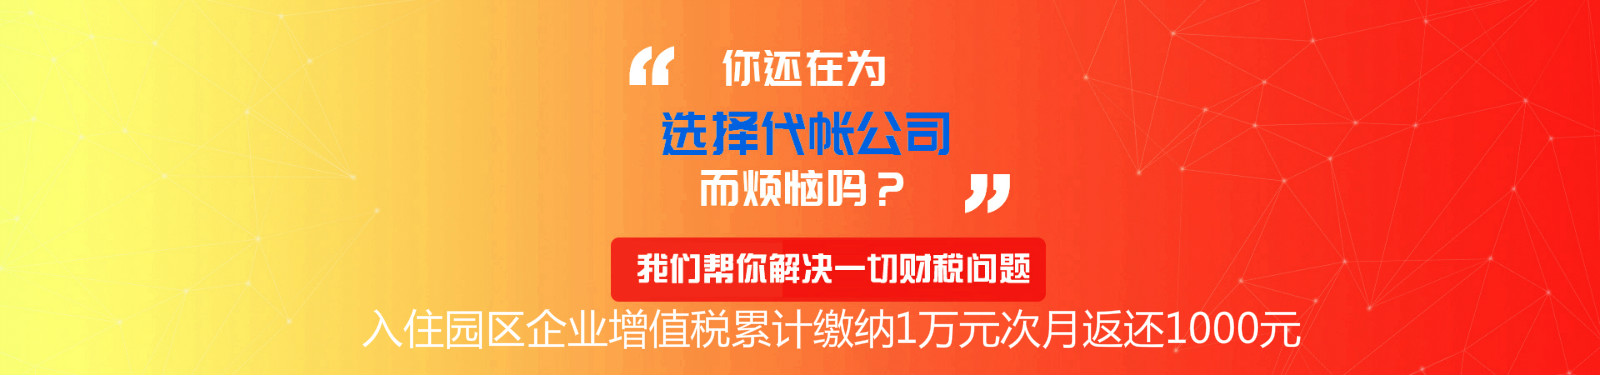 武清代理记账公司费用明细十年老店靠谱 - 米多乐财务